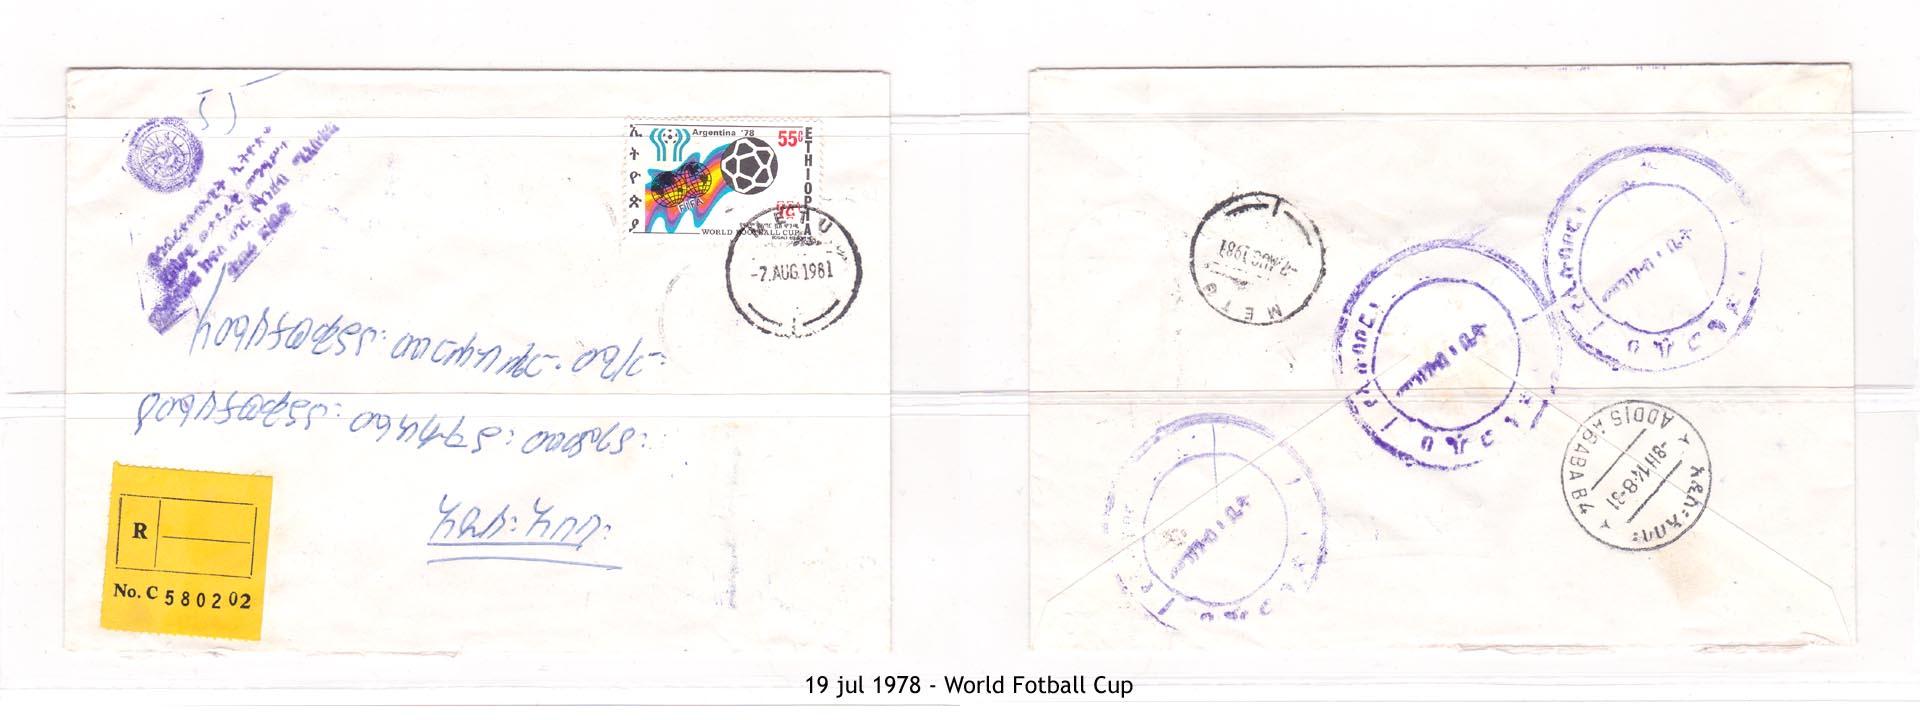 19780719 - World Fotball Cup y